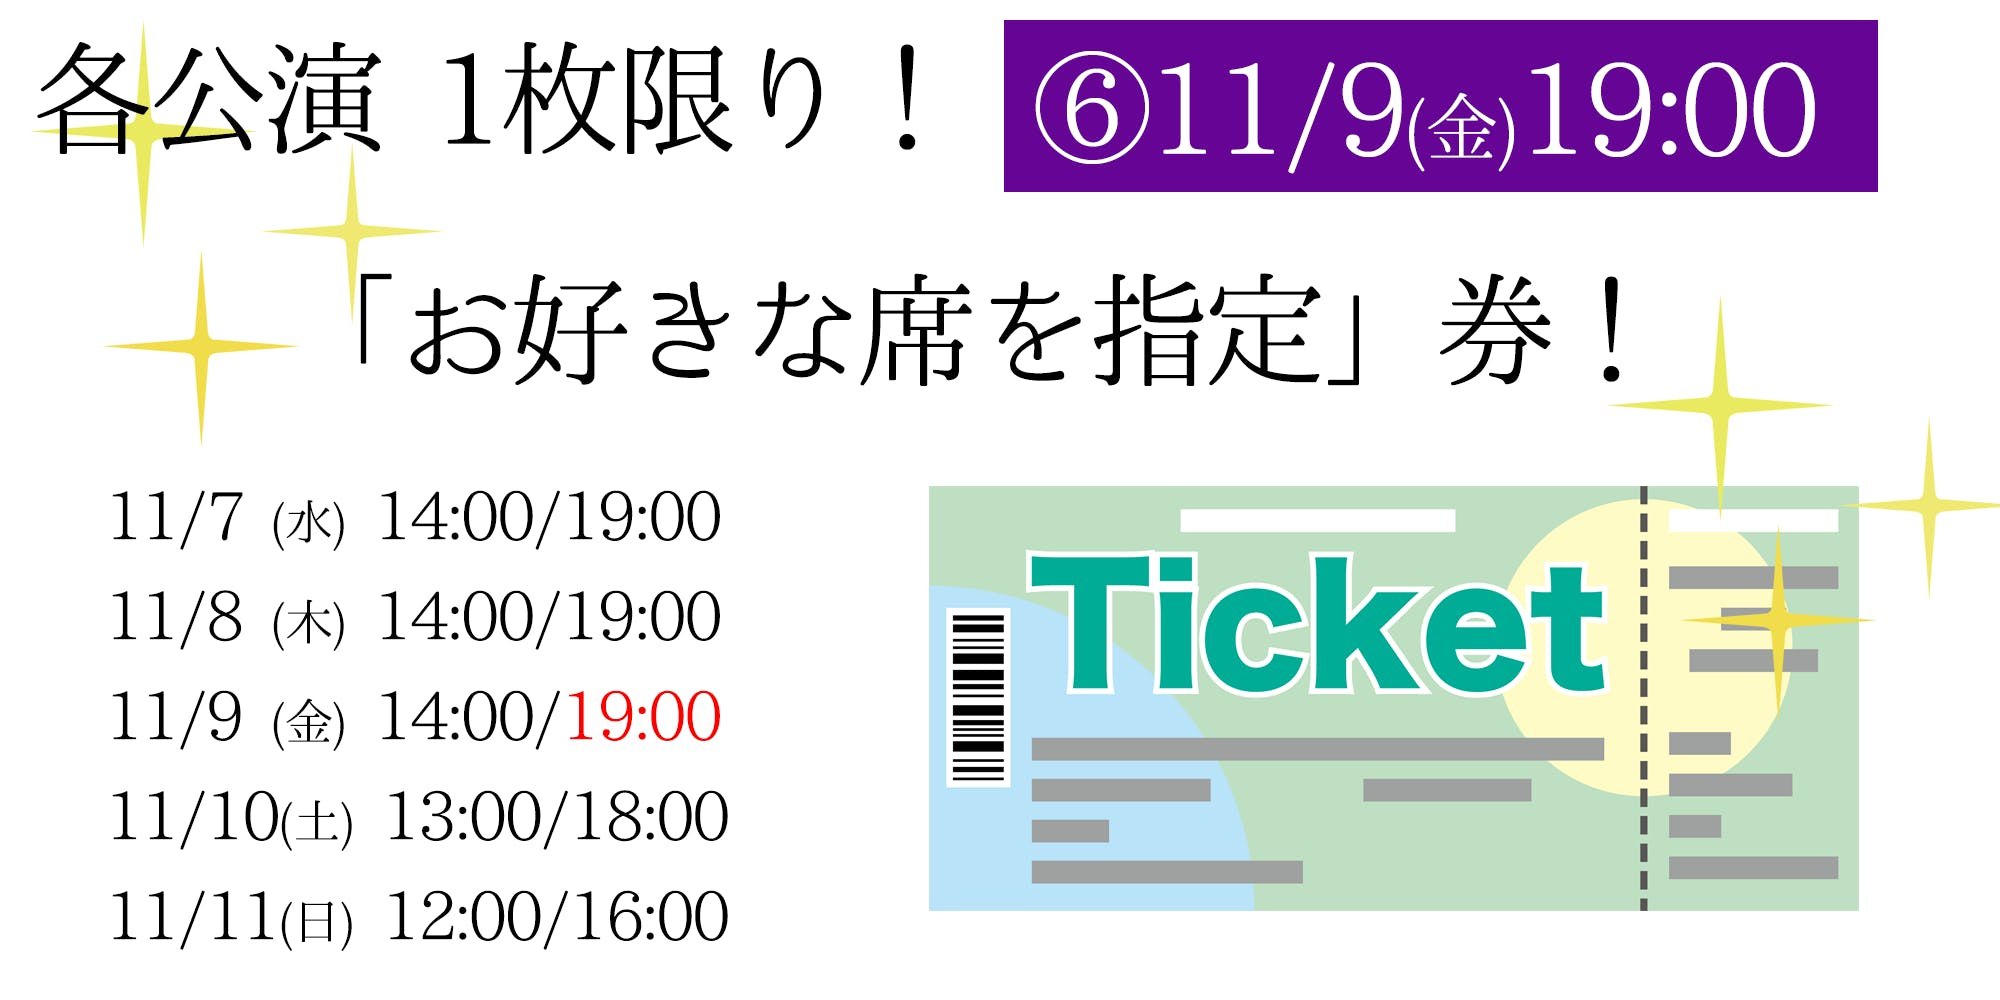 チケット06